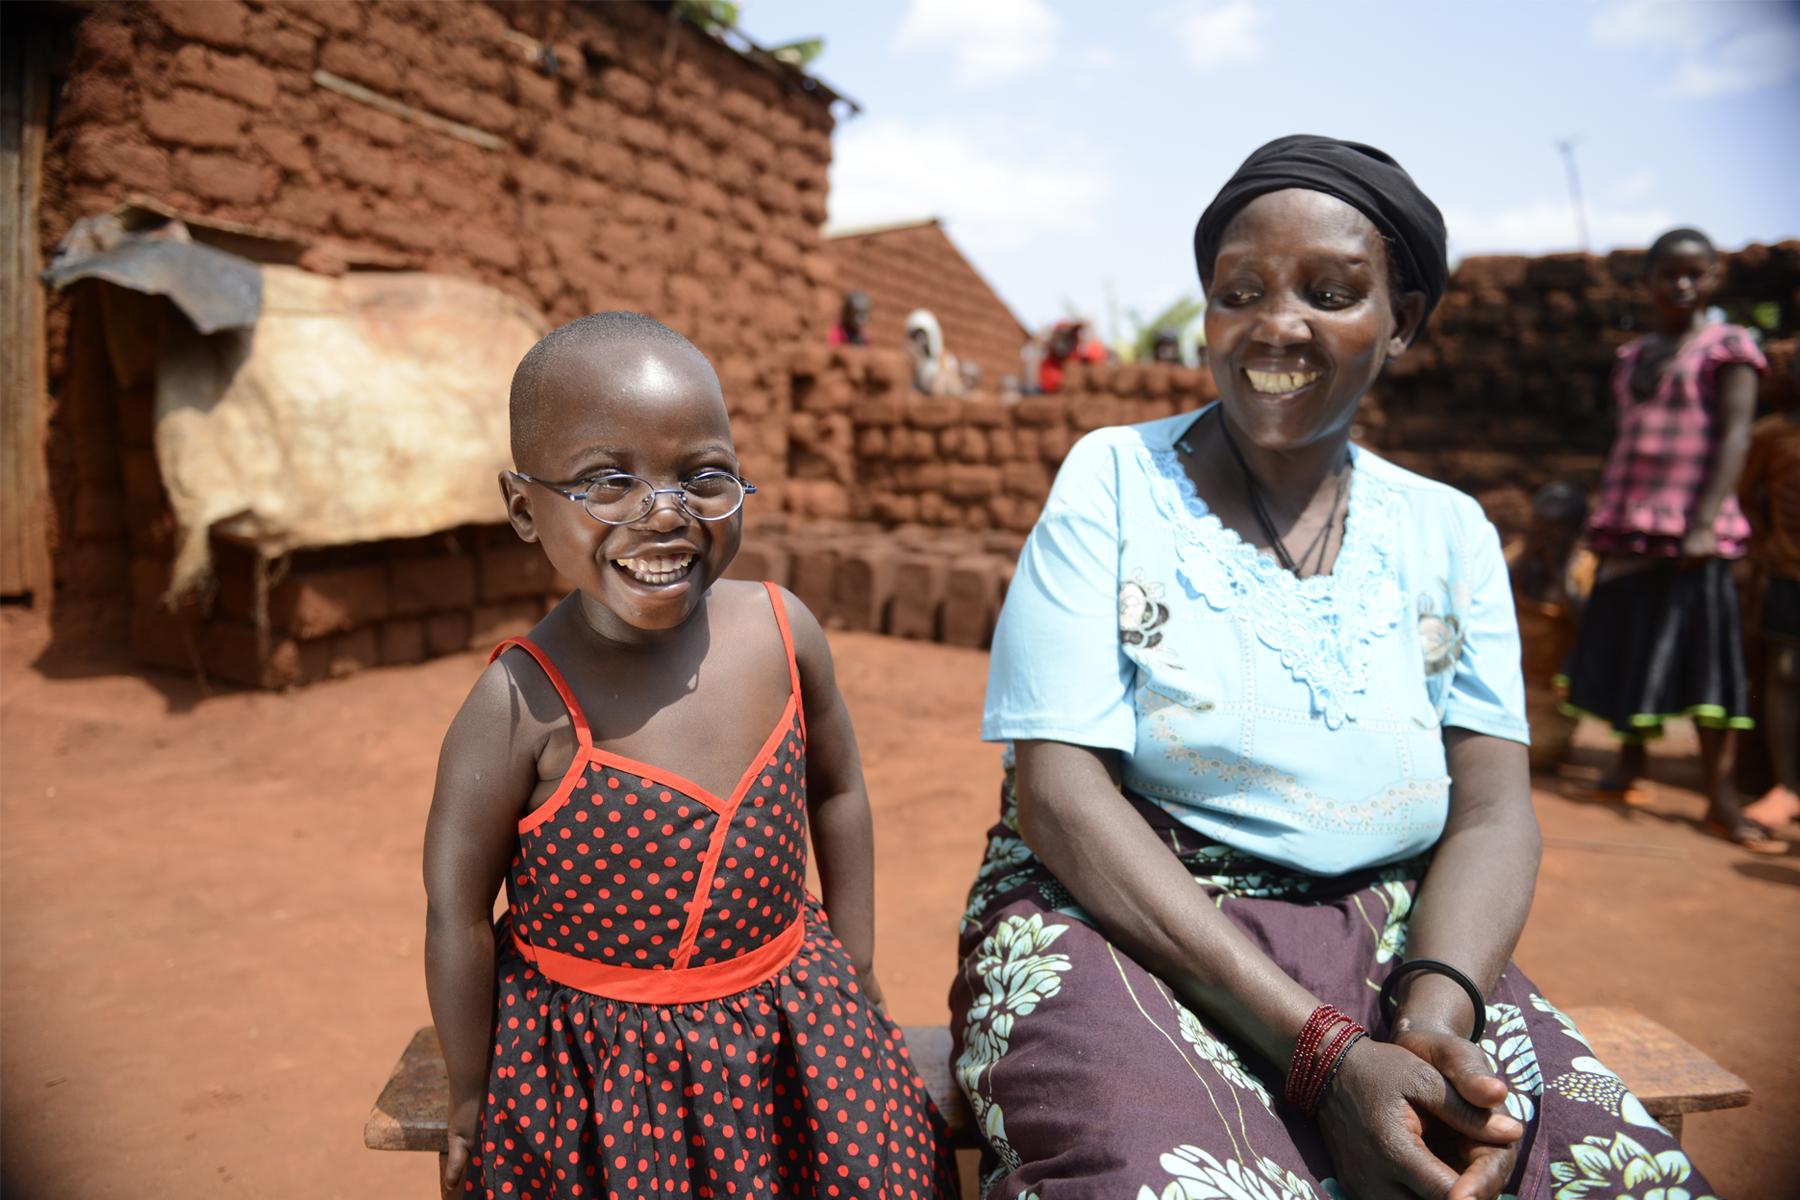 Cesaria 一出生便患白內障,更慘遭父母遺棄。幸好趕及在五歲前施手術復明,否則難逃堪坷的命運。